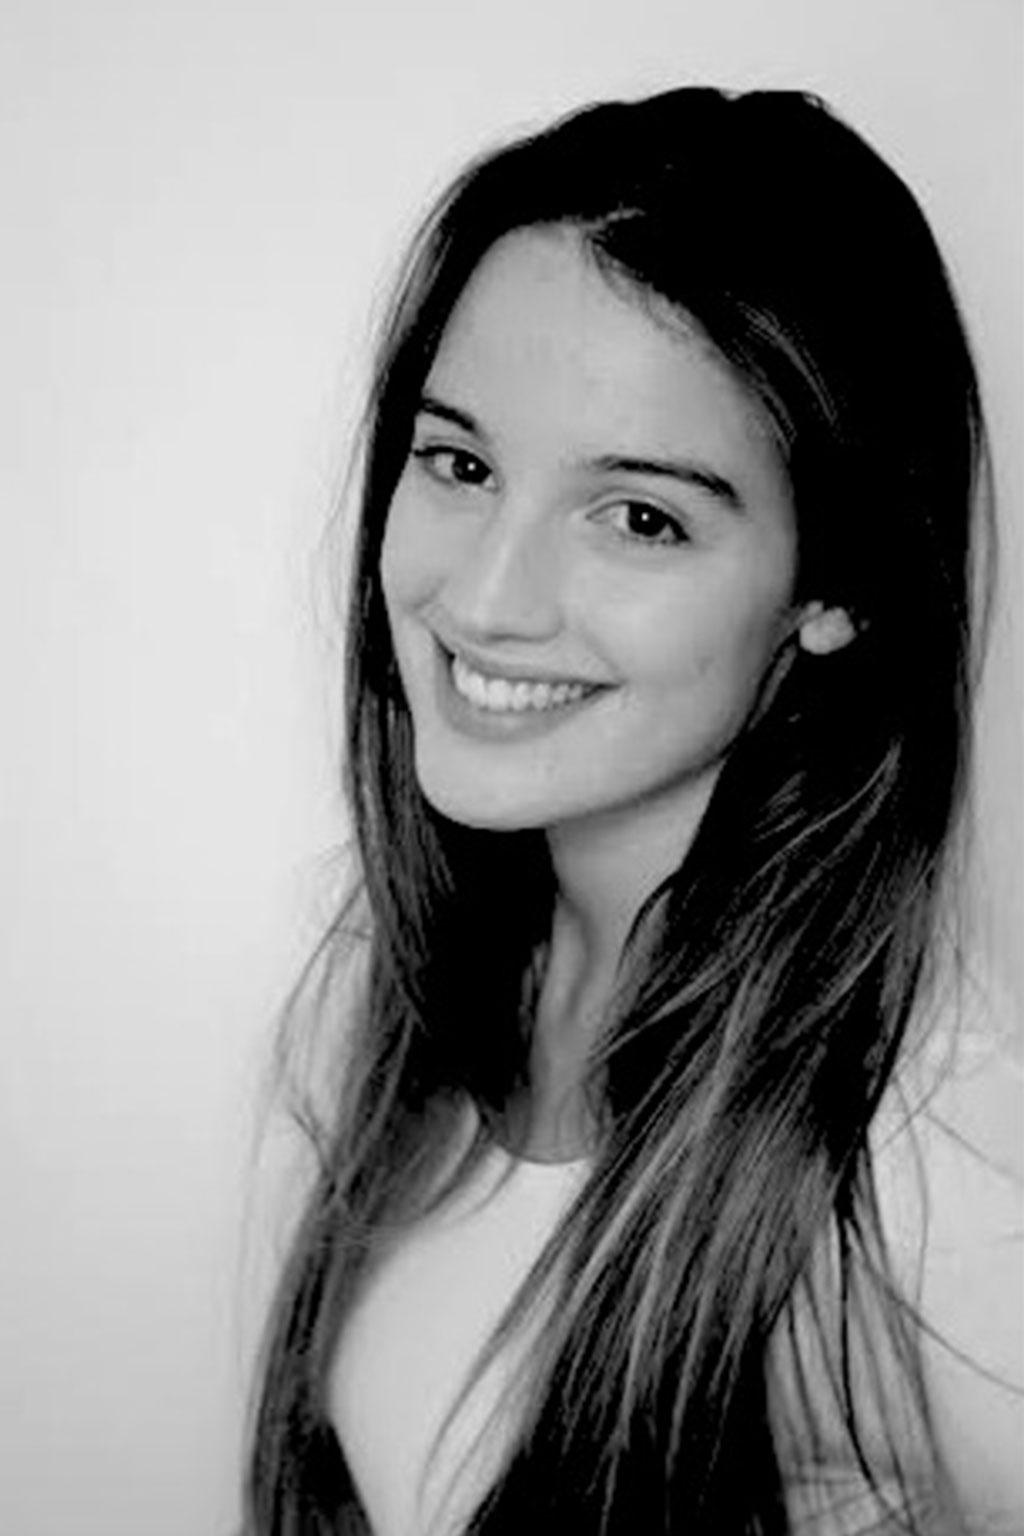 Sofia Piñeiro